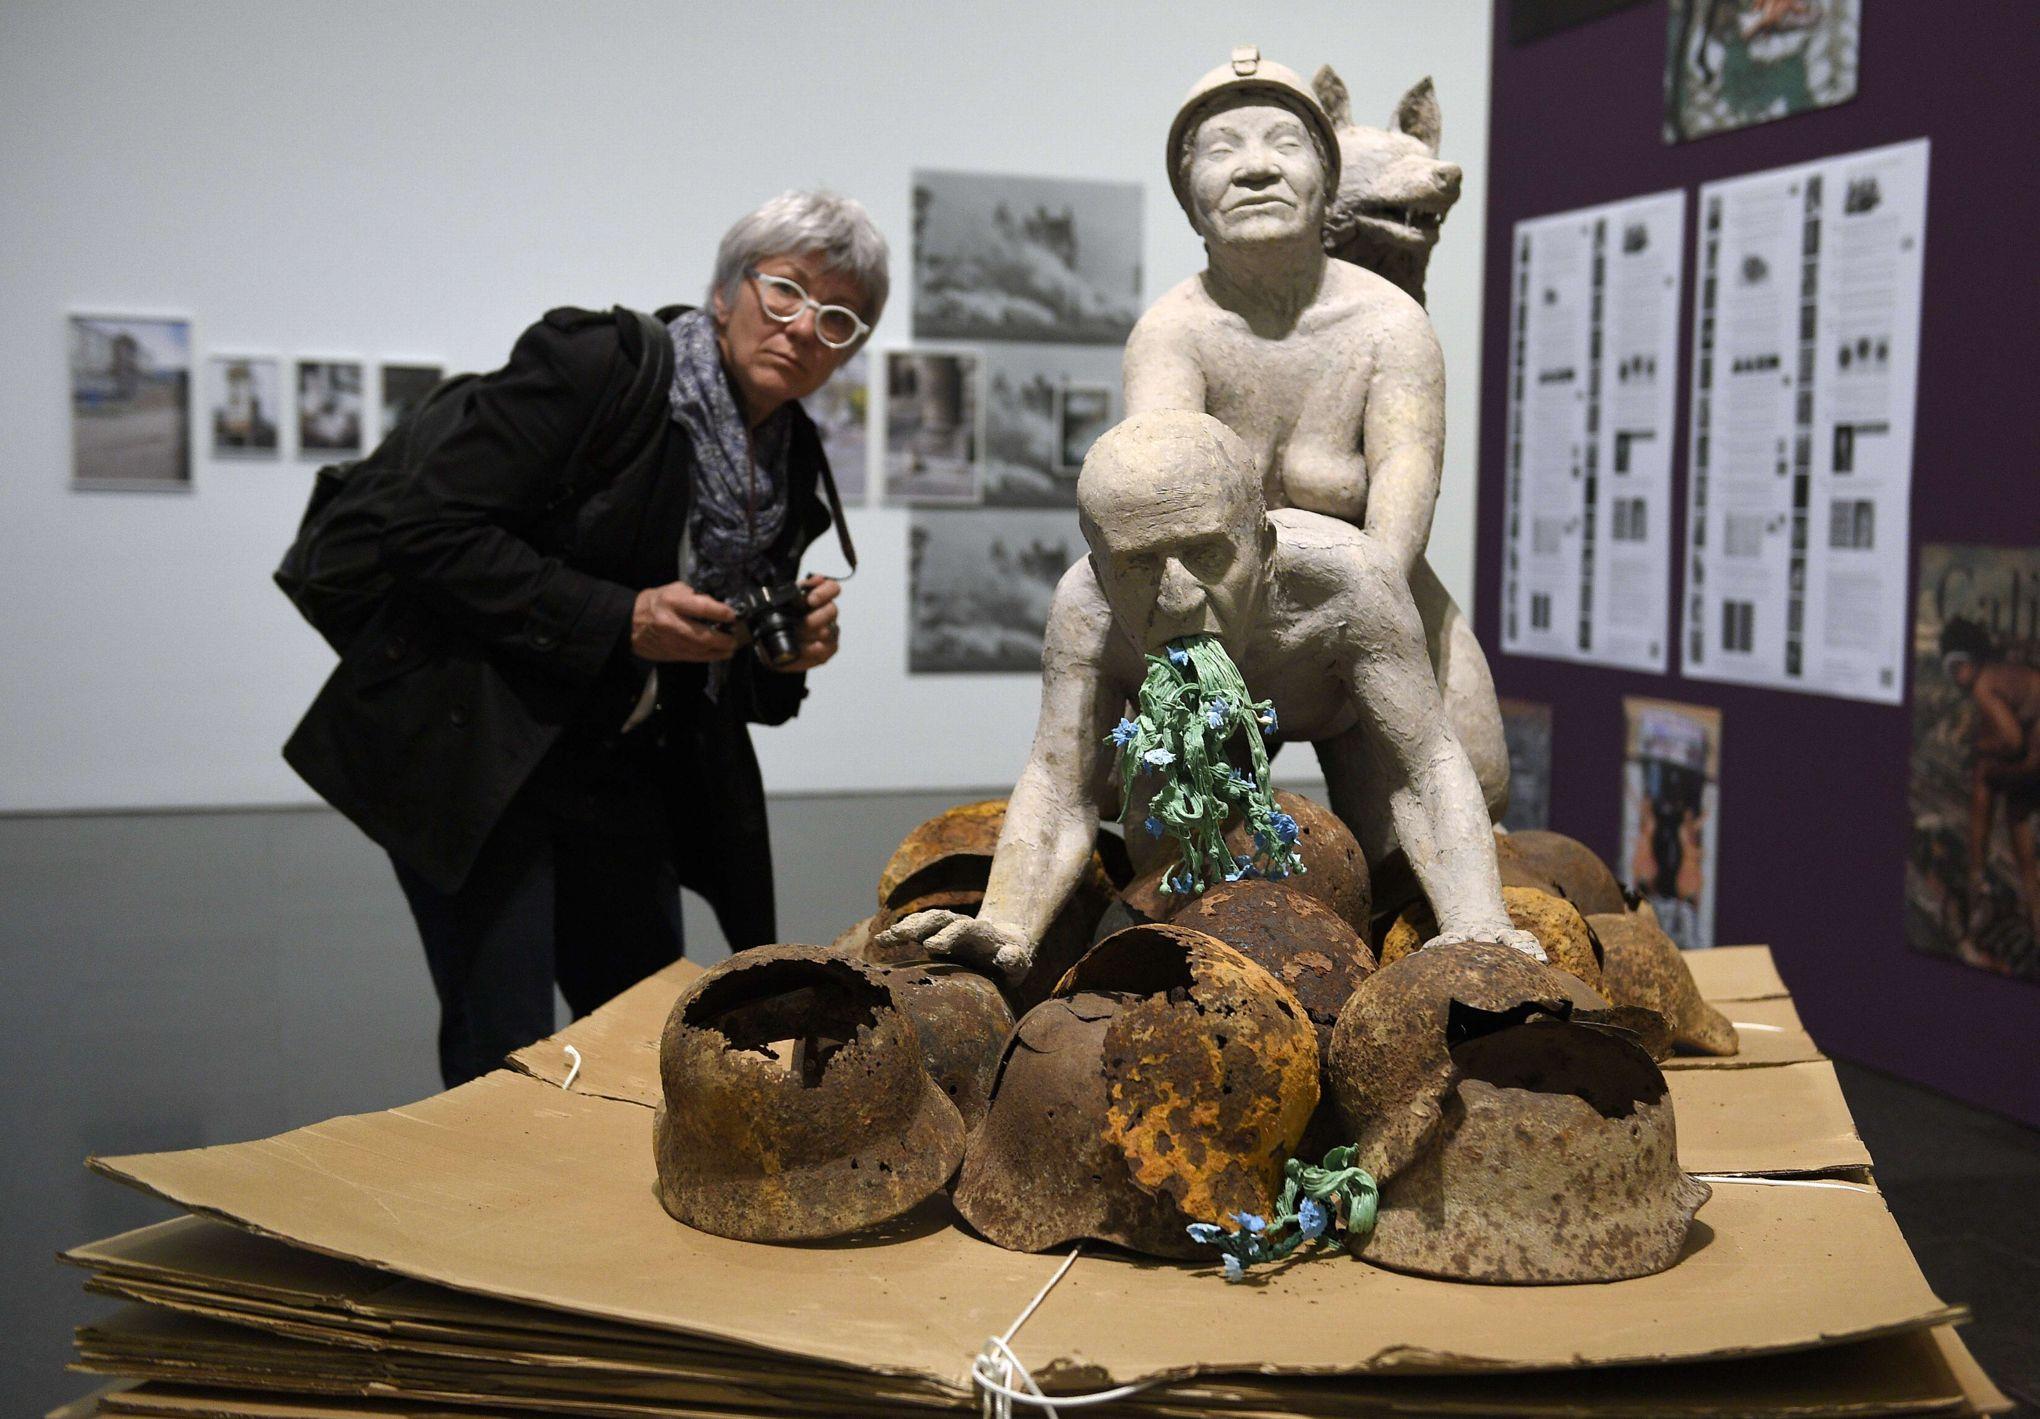 Les sculptures les plus insolite  - Page 6 XVMb1ffdaa4-d21b-11e4-b54a-8931a27c34fa